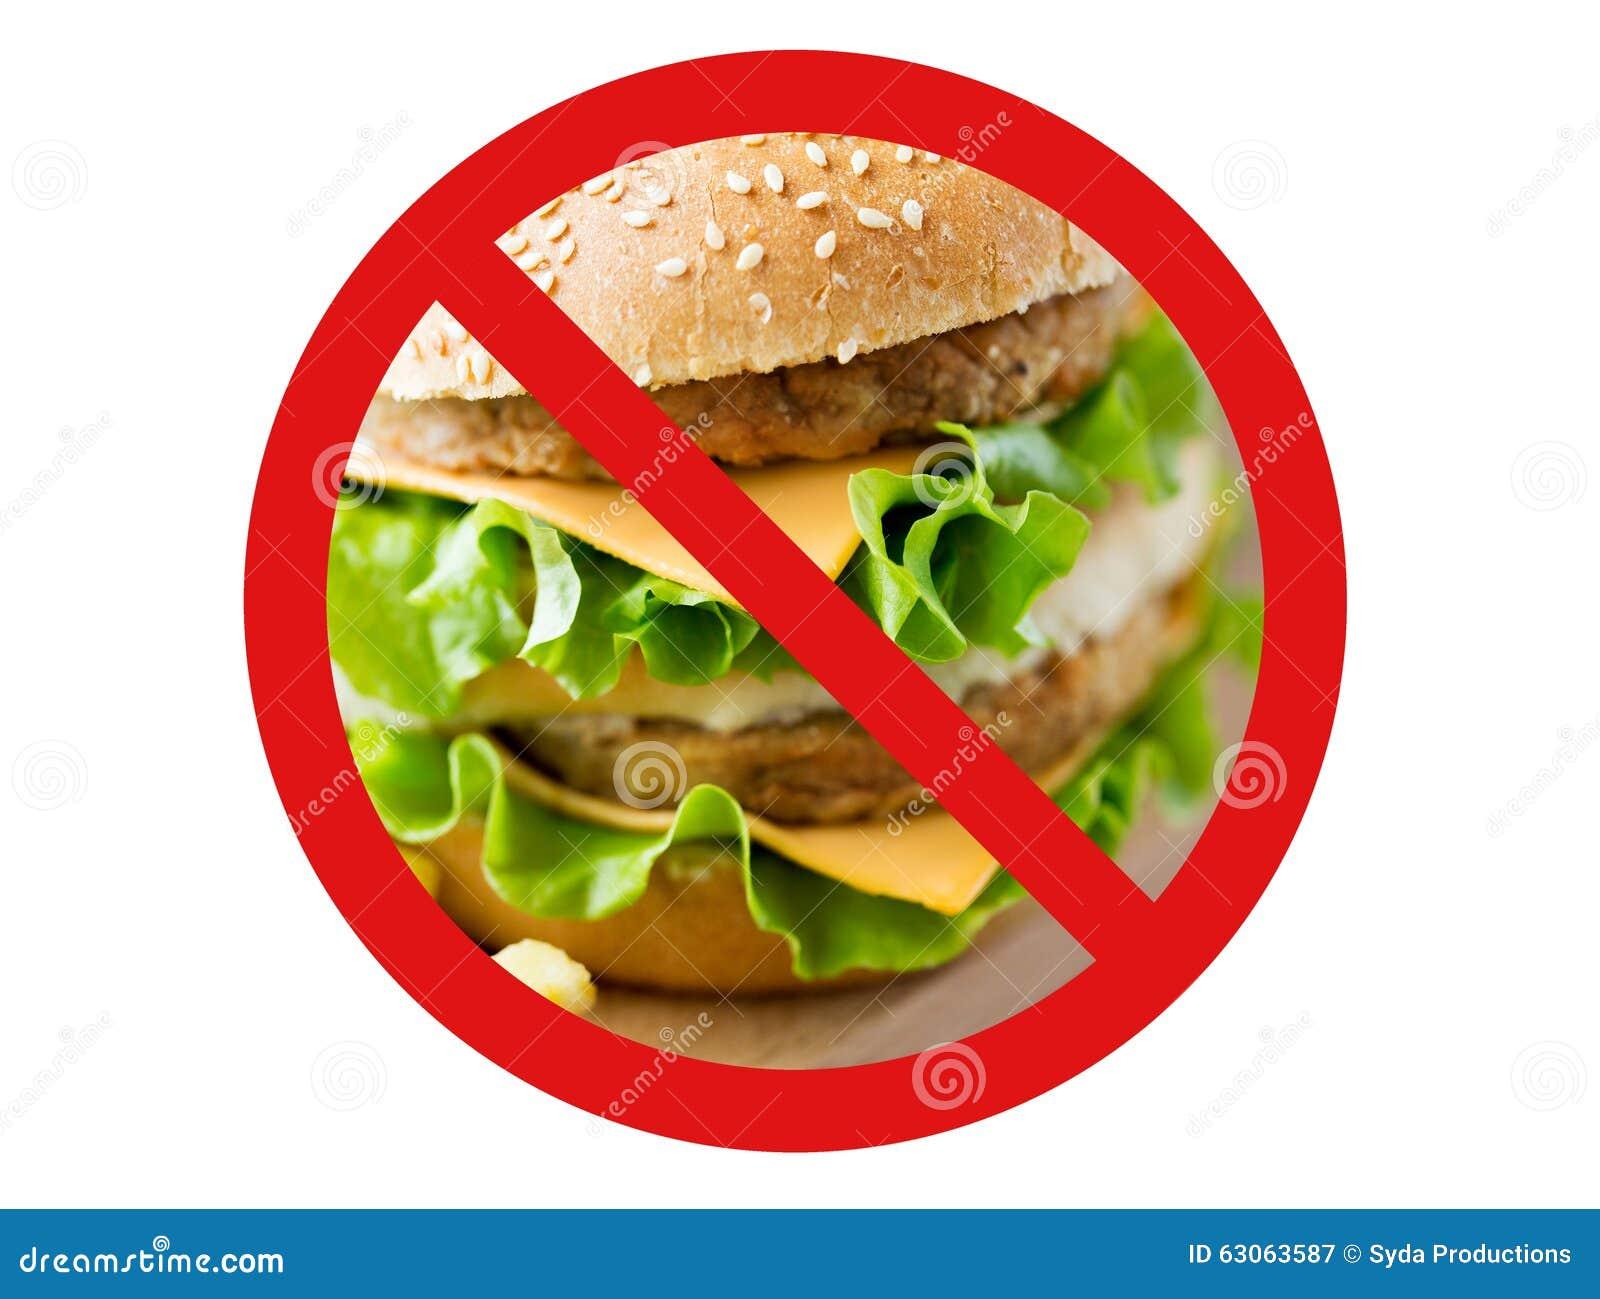 Close Up Of Hamburger Behind No Symbol Stock Image Image